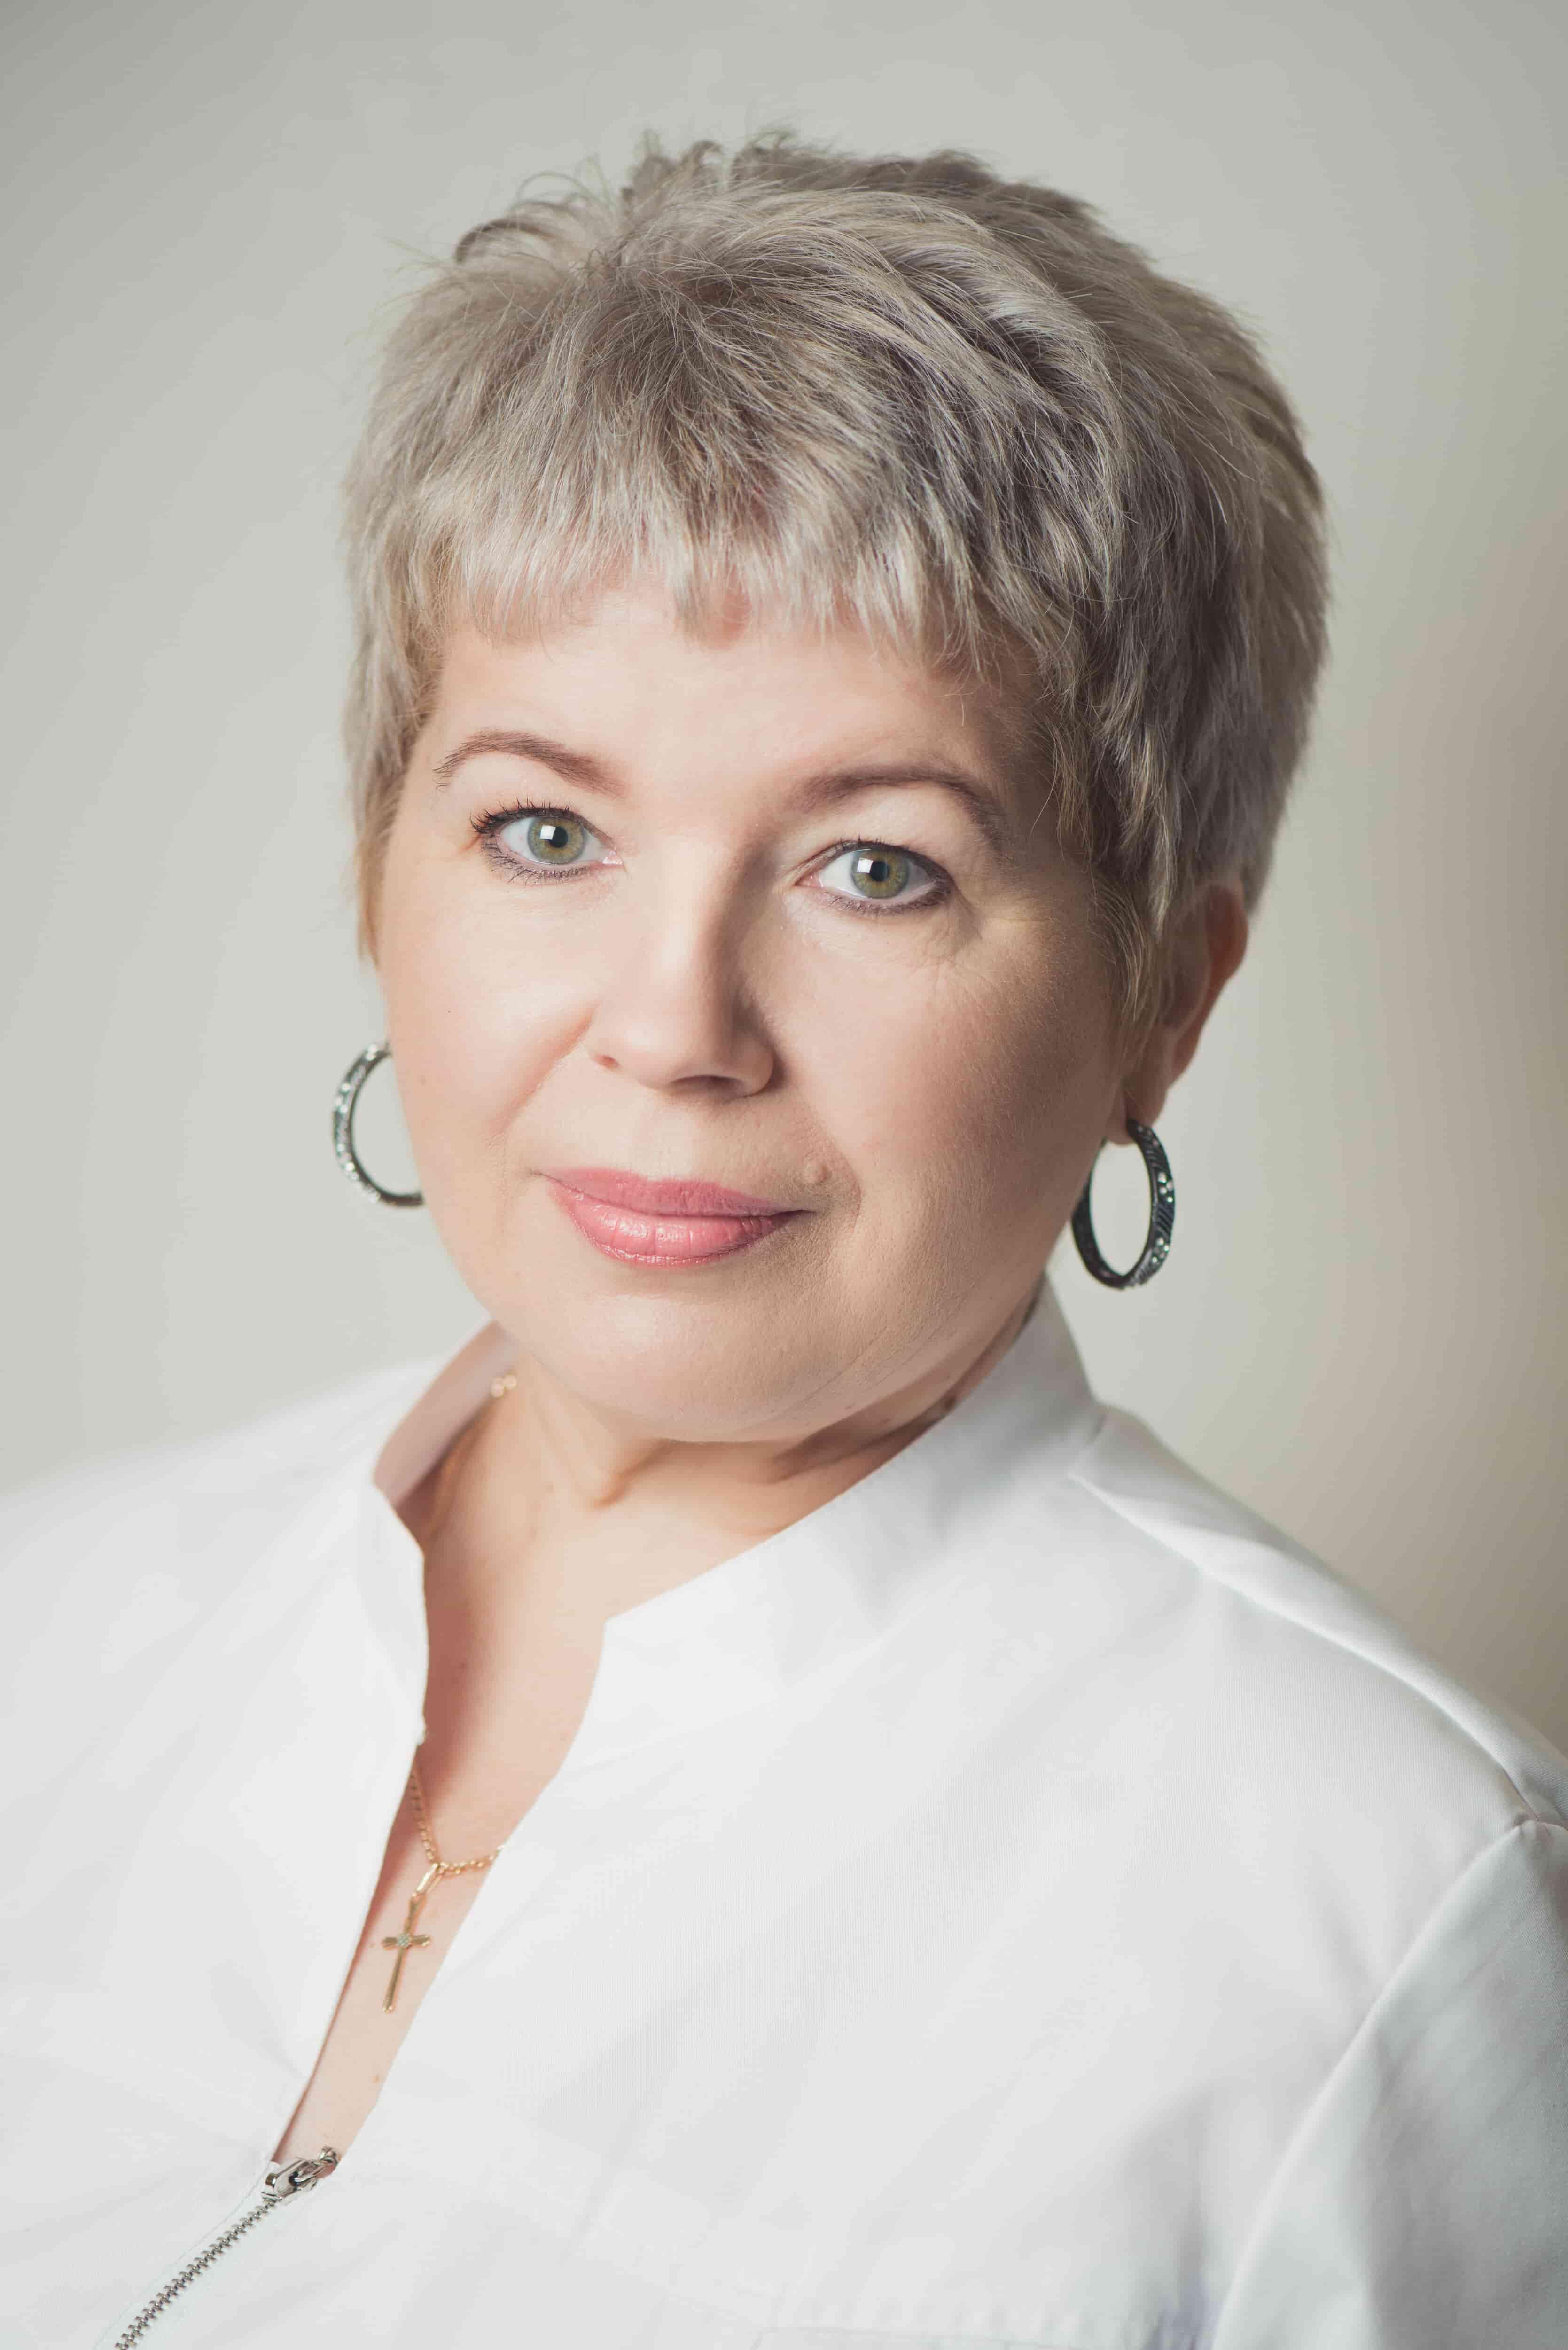 Еникеева Марина Анатольевна : Заведущая отделением автоклавирования и стерилизации